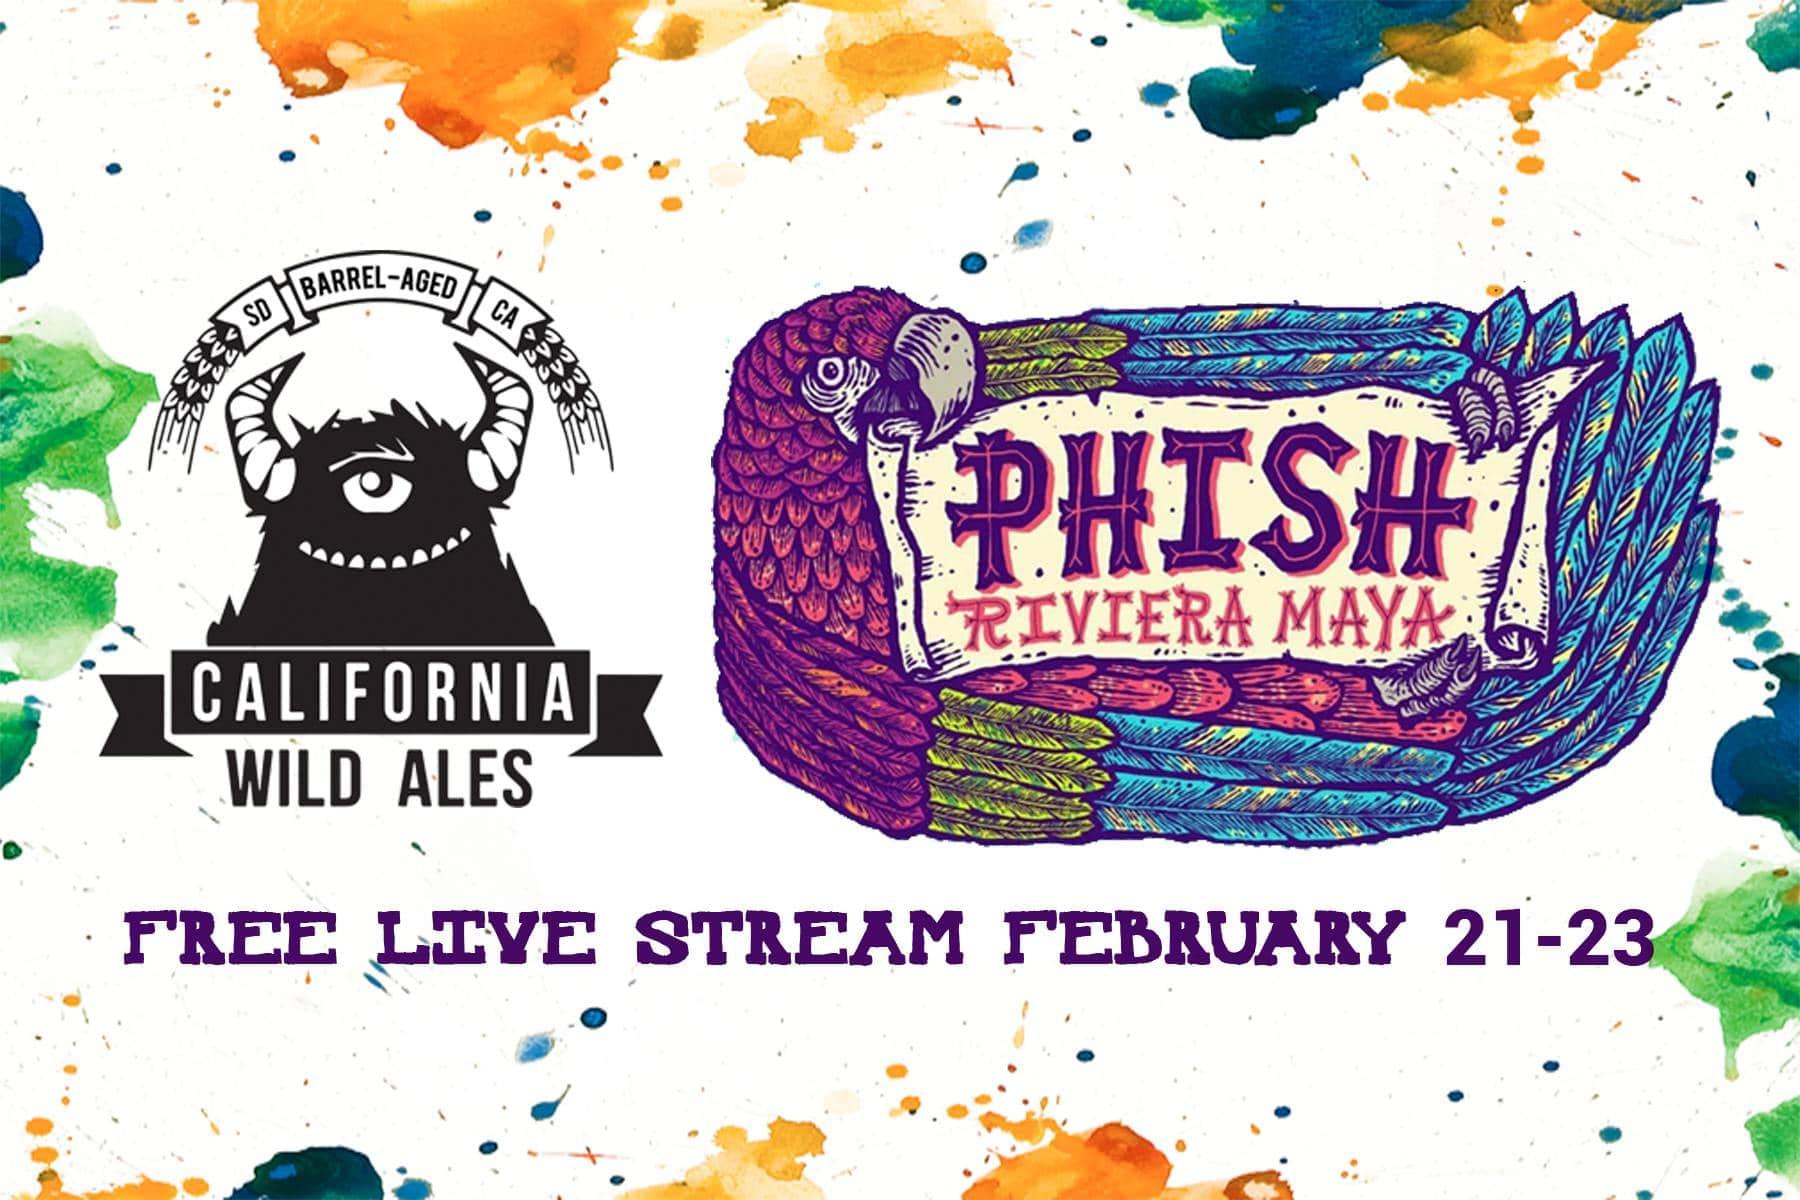 Phish-stream-california-wild-ales